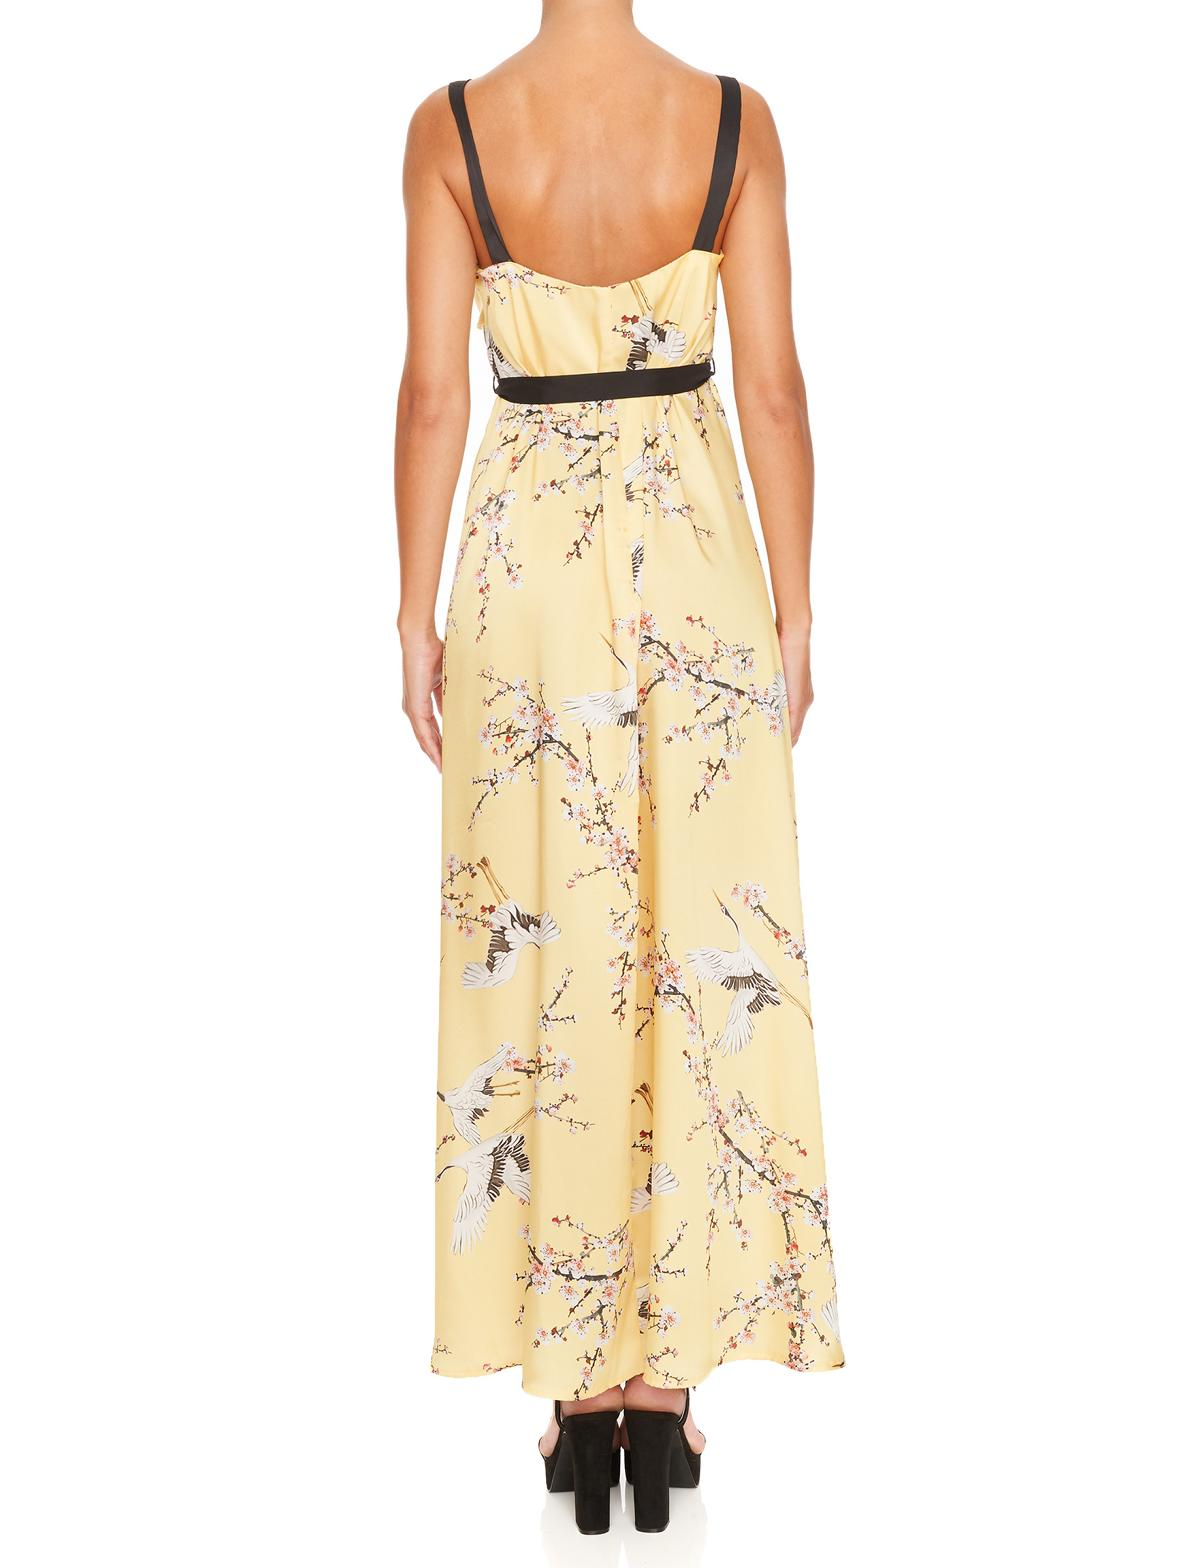 Rückansicht von Ana Alcazar Maxi Kleid Miranea  angezogen an Model